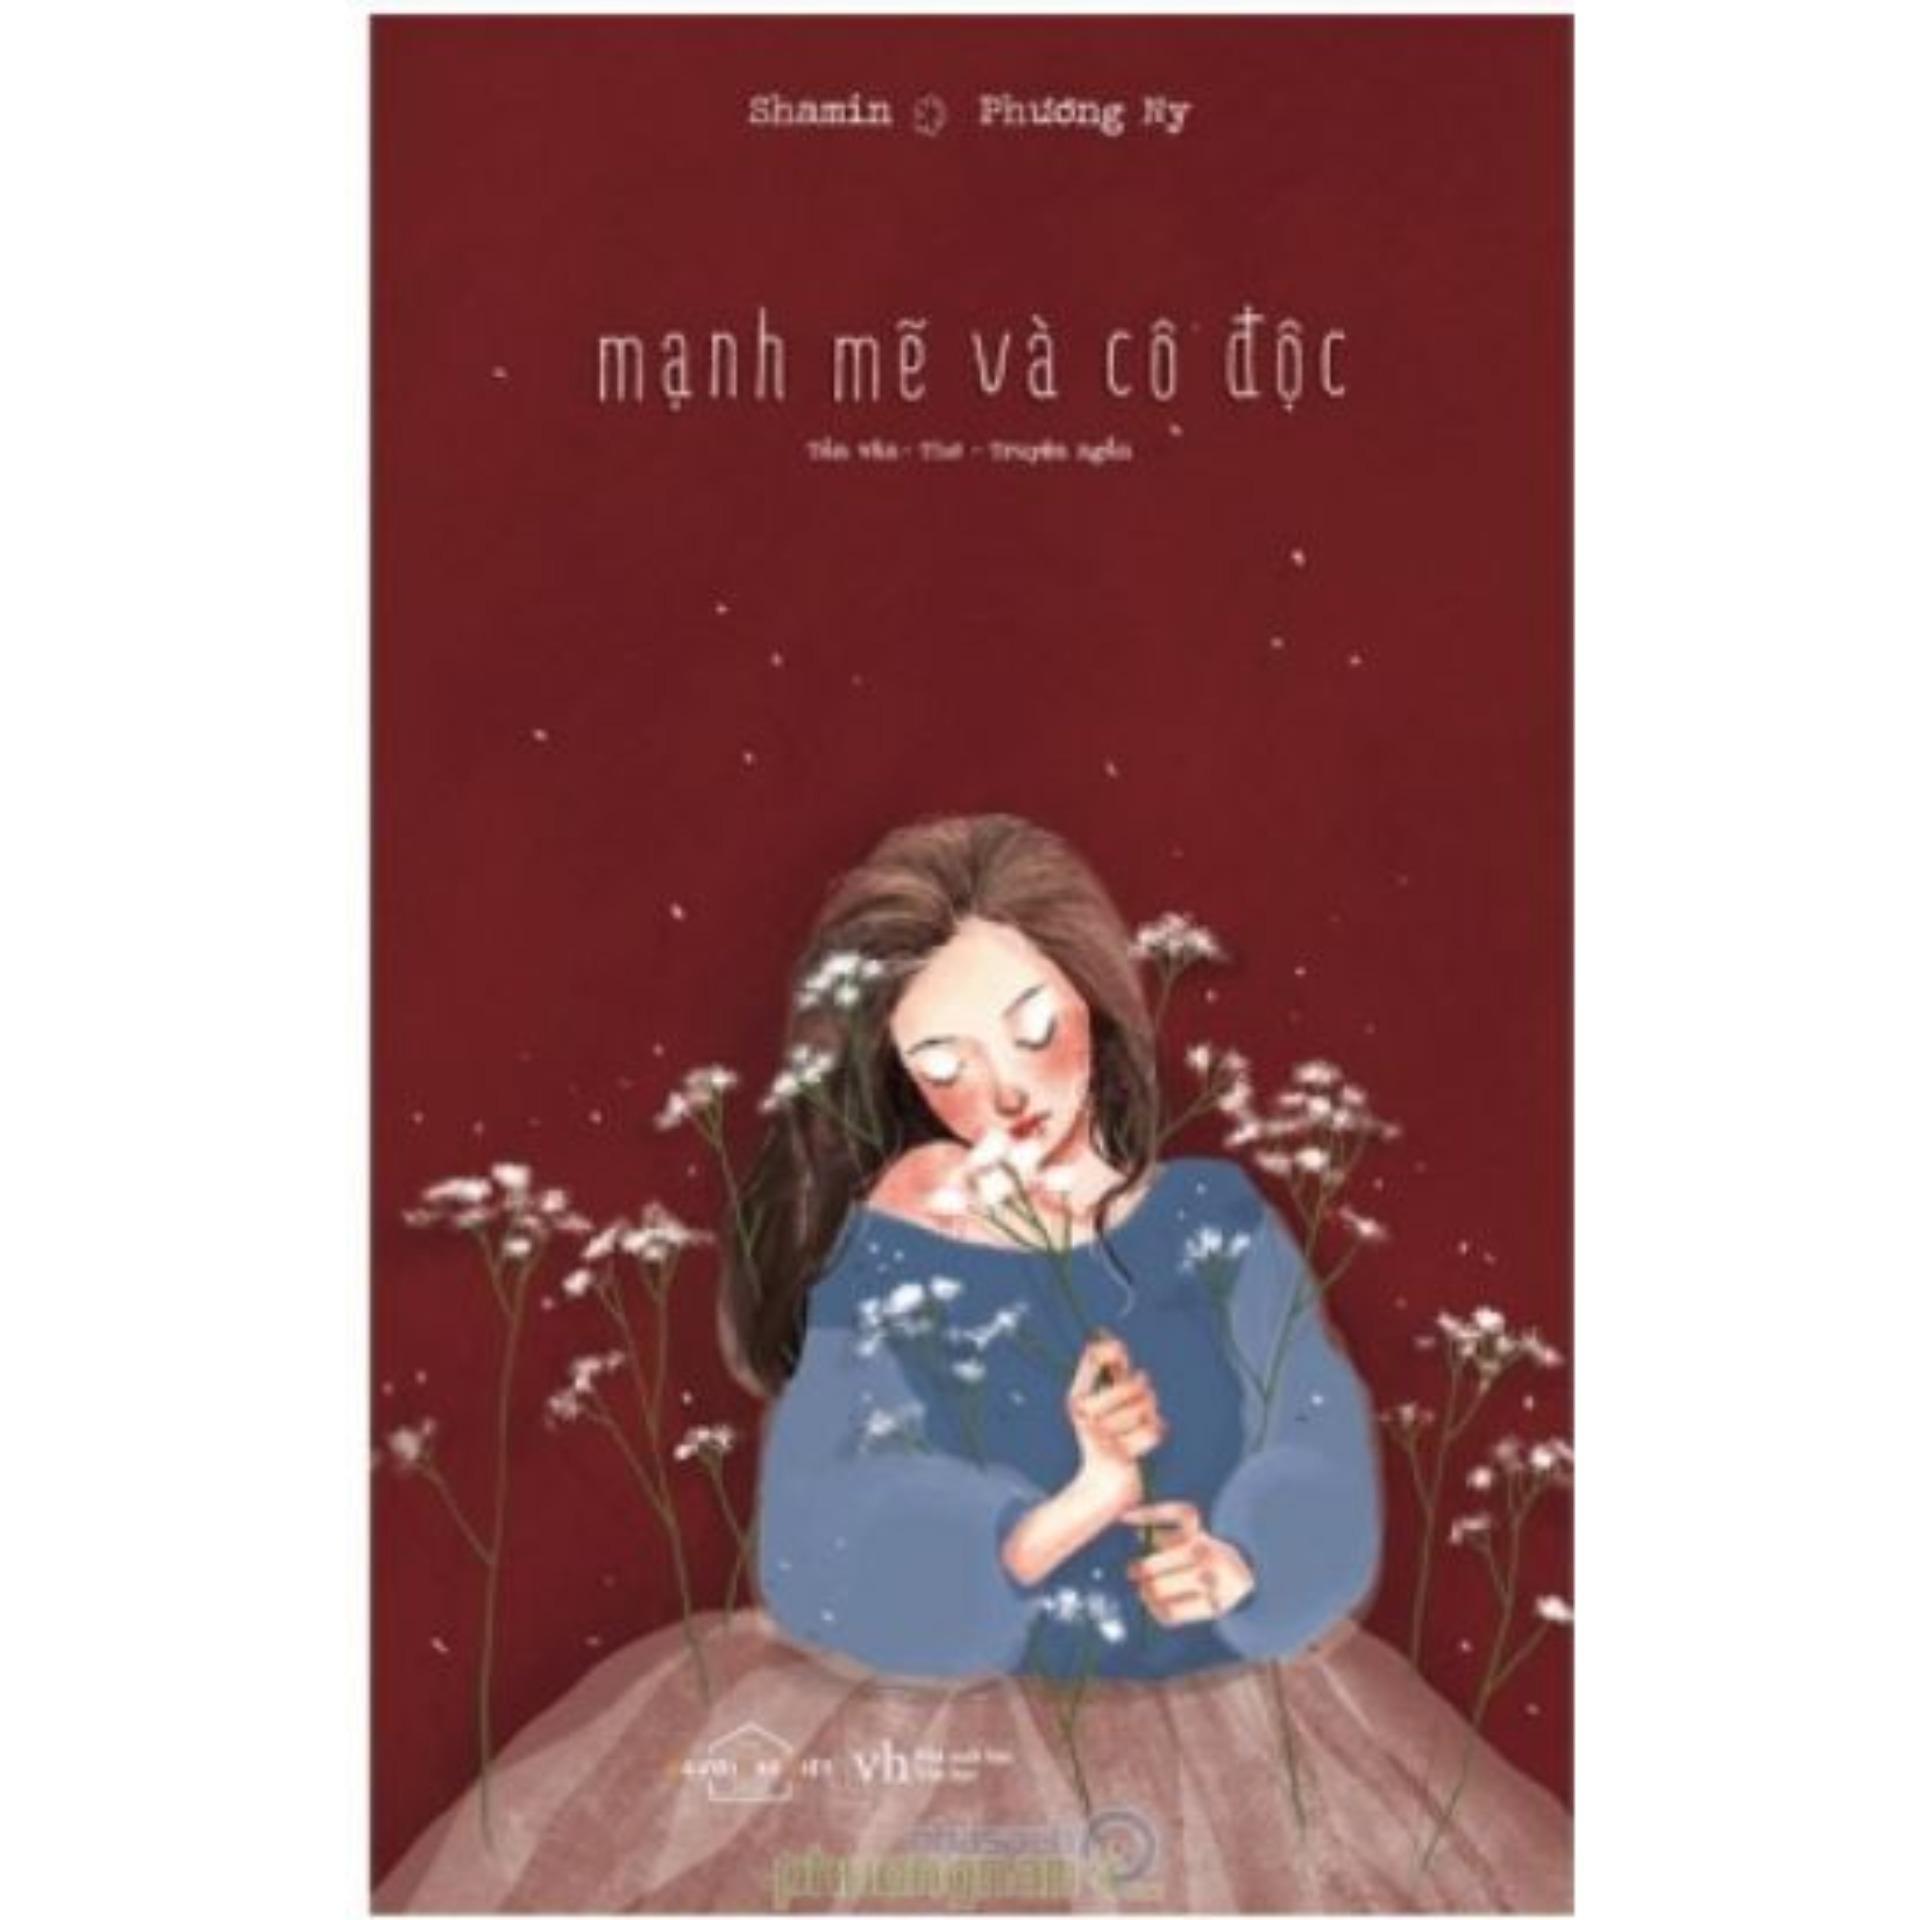 Mua Mạnh Mẽ Và Cô Độc - Tặng Bookmark Kẹp Sách